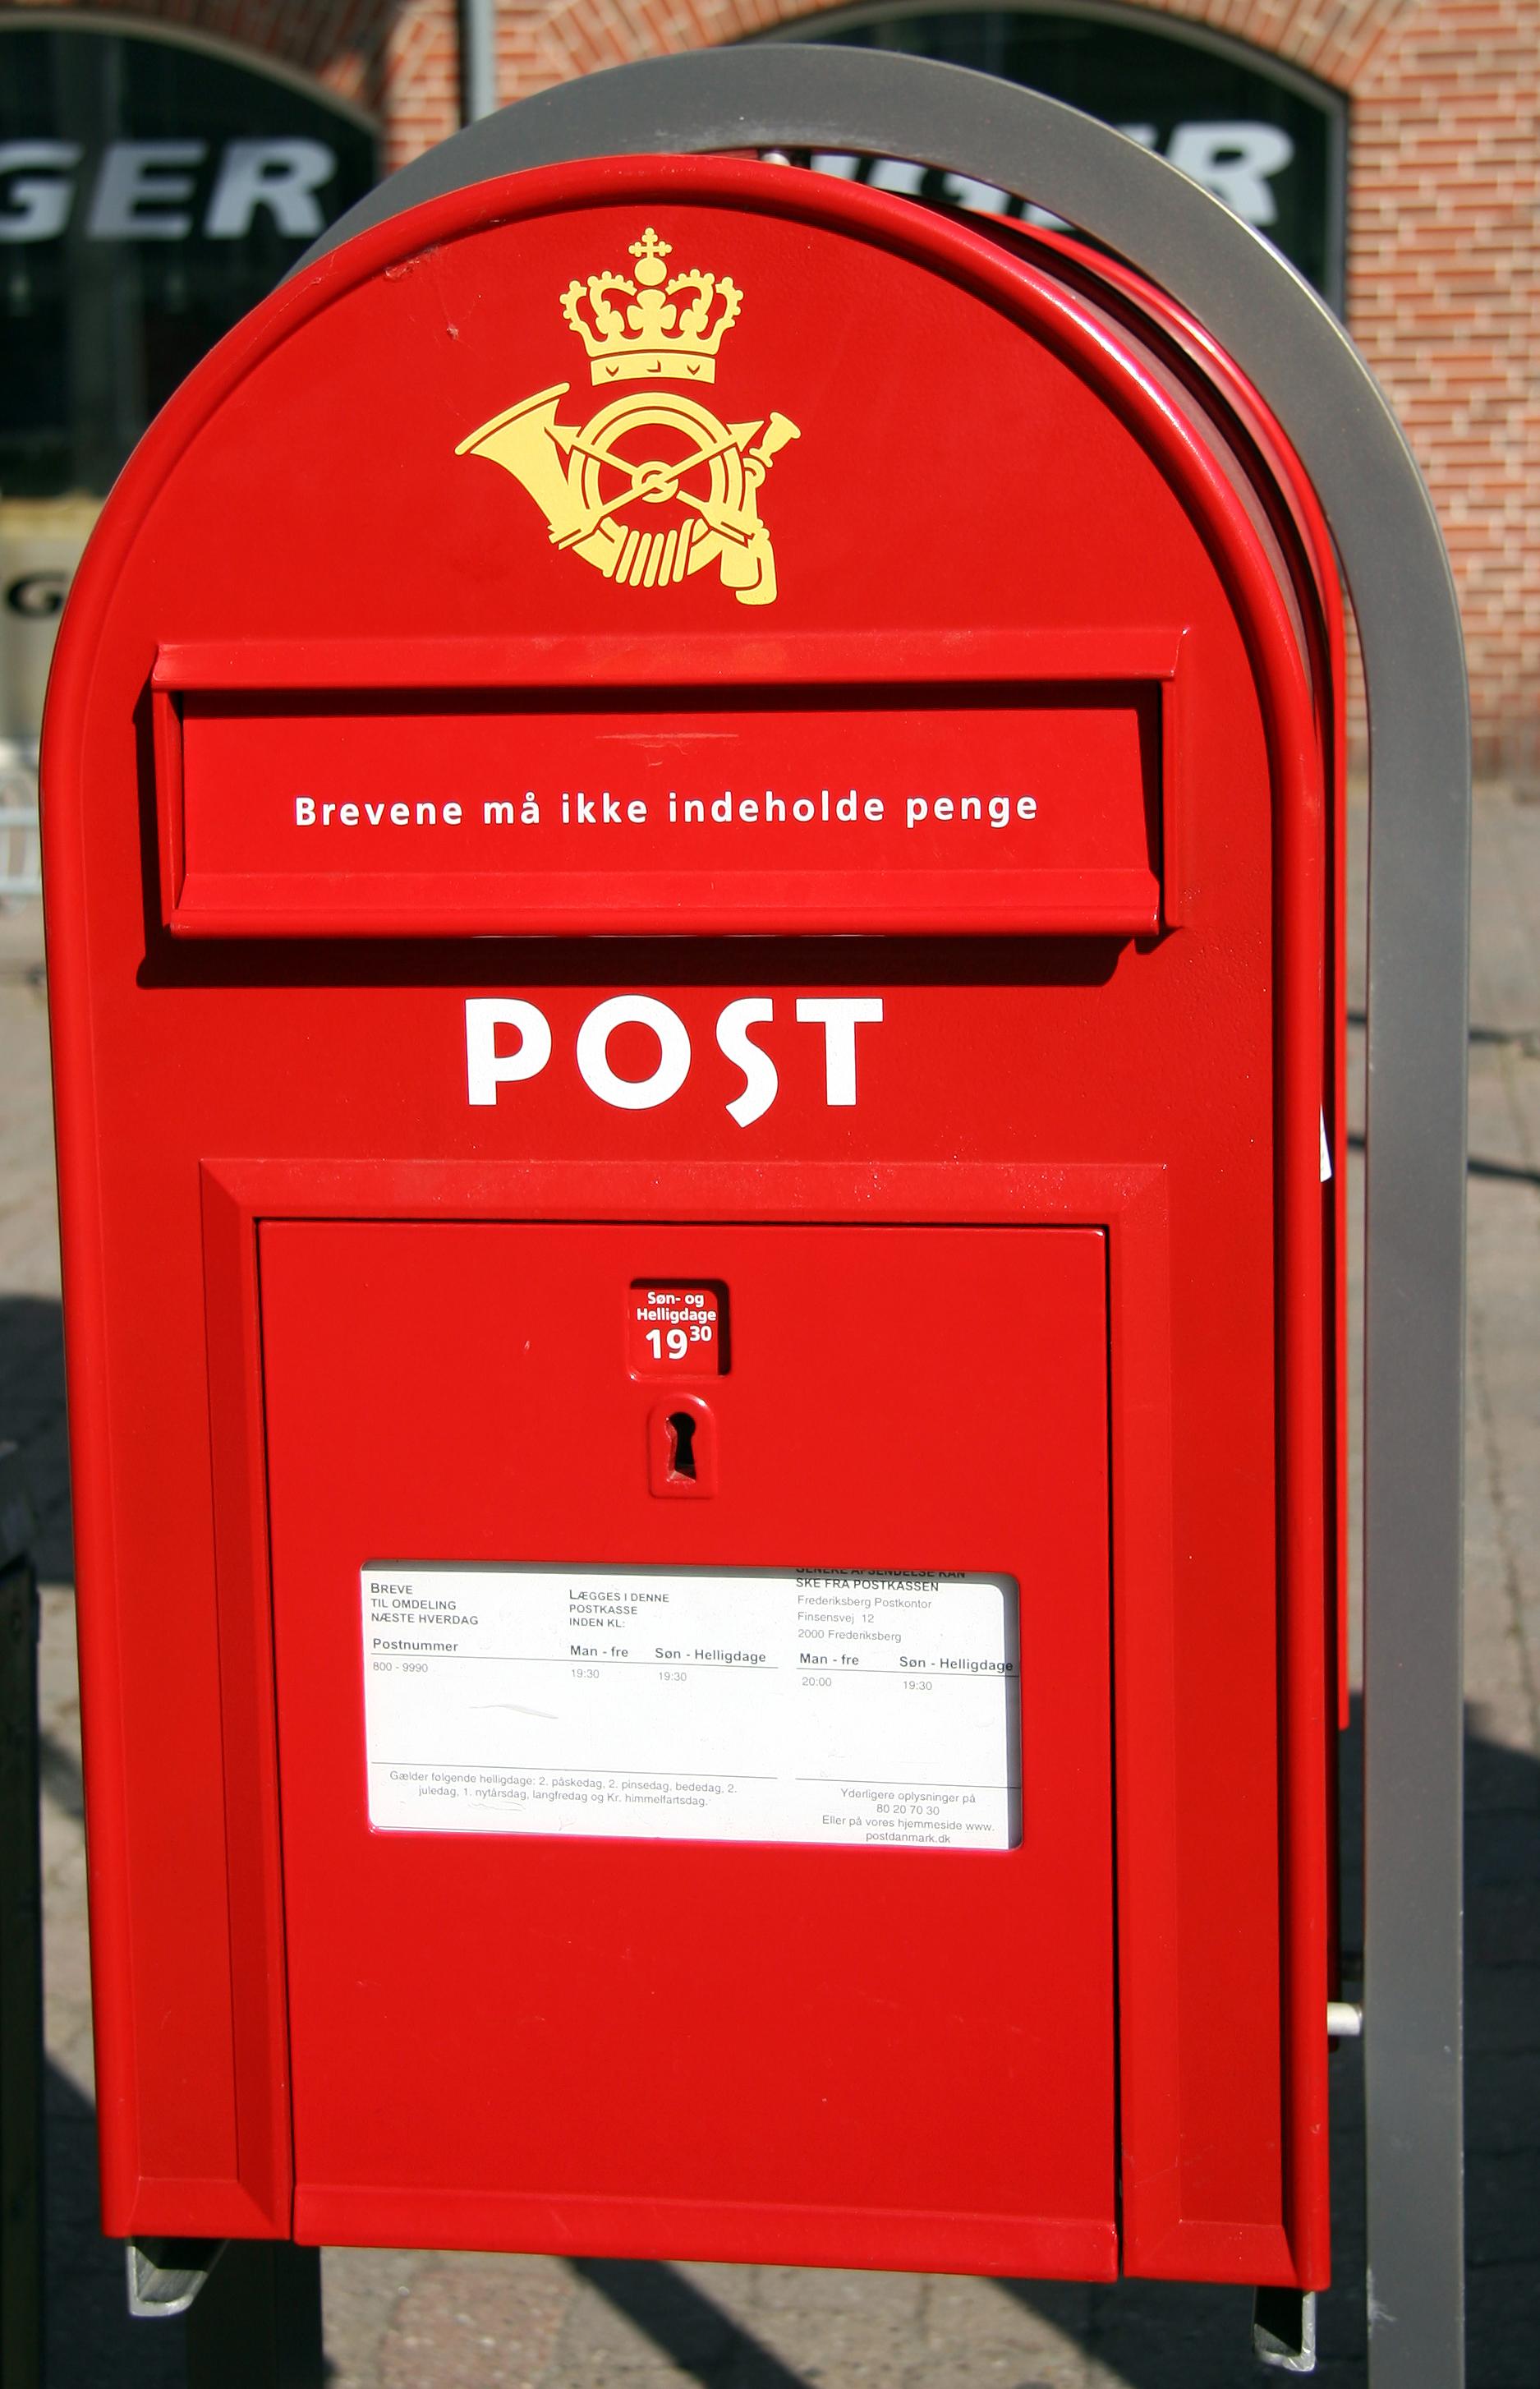 Postkasserne forsvinder i hele Danmark | Ligetil | DR